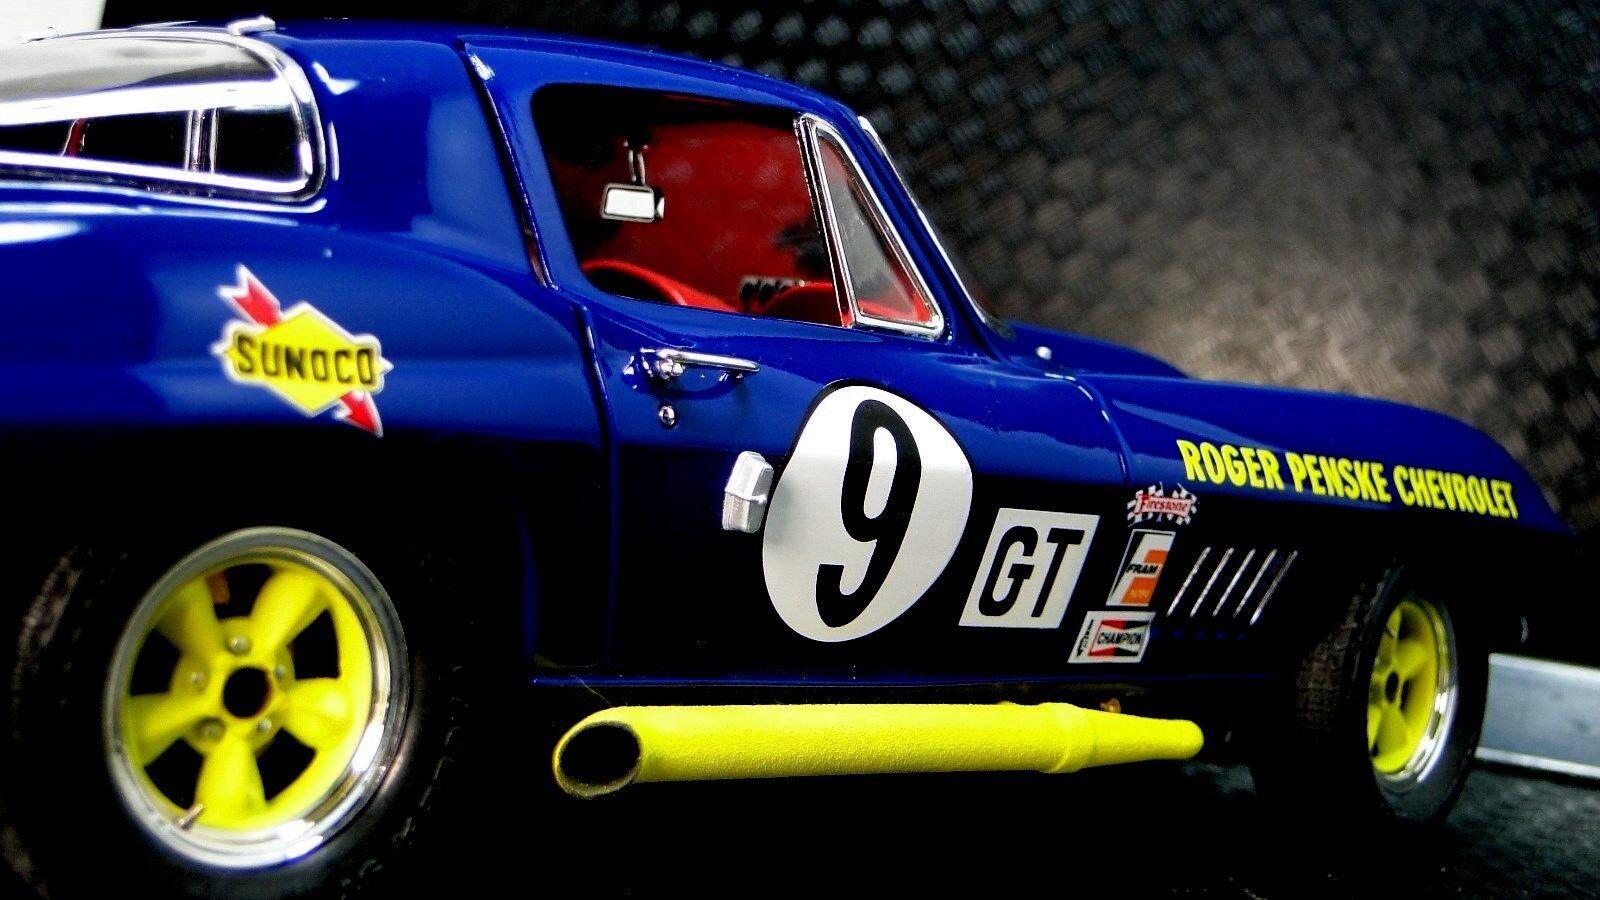 1. 1967 chevy corvette corvette wurde chevrolet 18 vintage - 25 rennwagen 24 modell 12